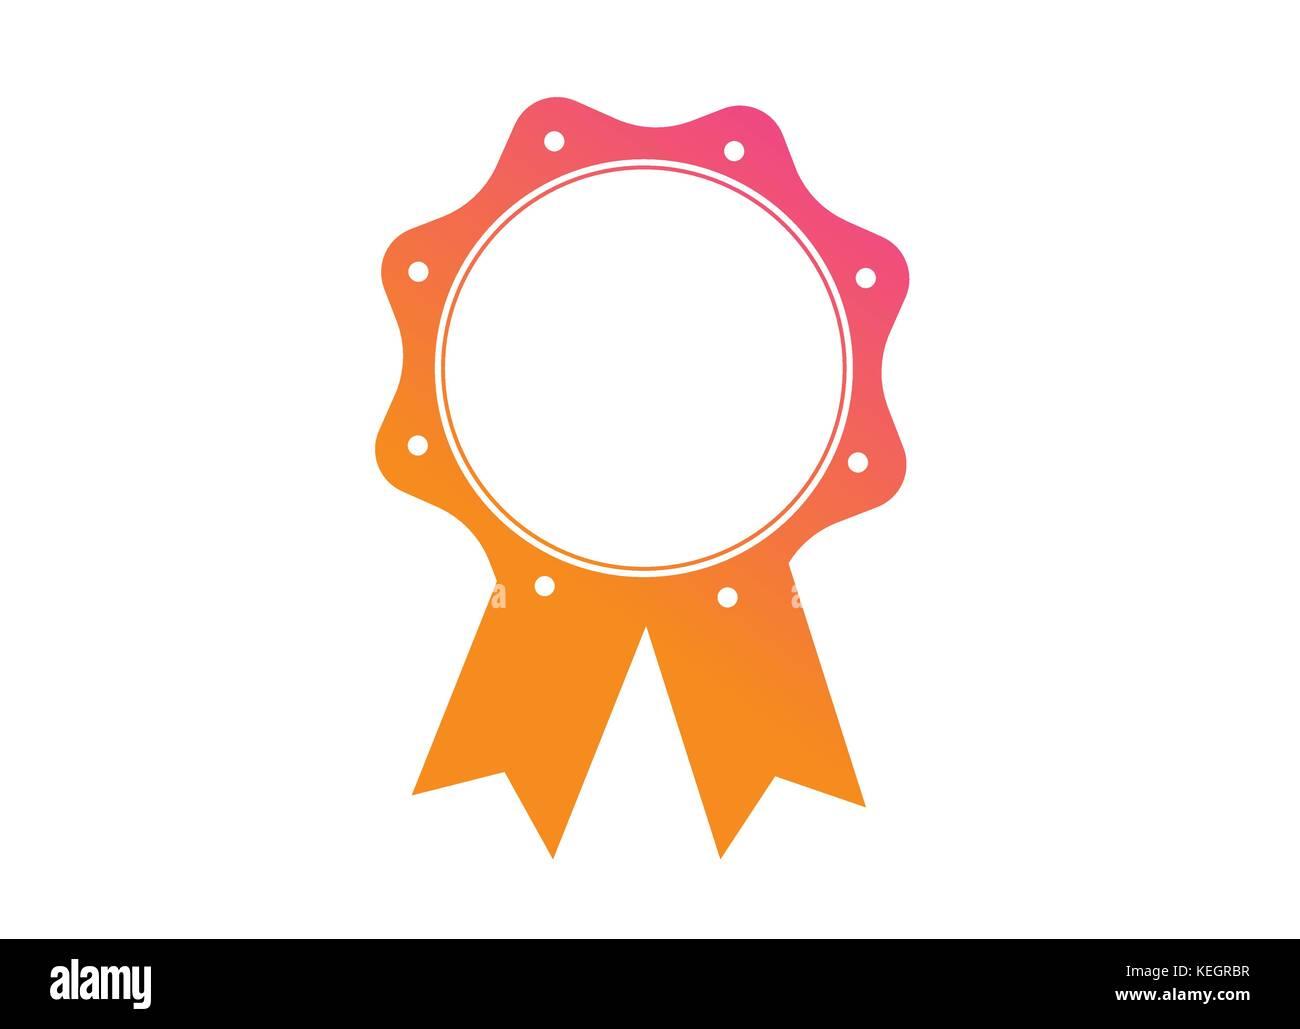 Il Vettore Gradiente Di Colore Arancione Rosa Medaglia Premio Badge A Nastro